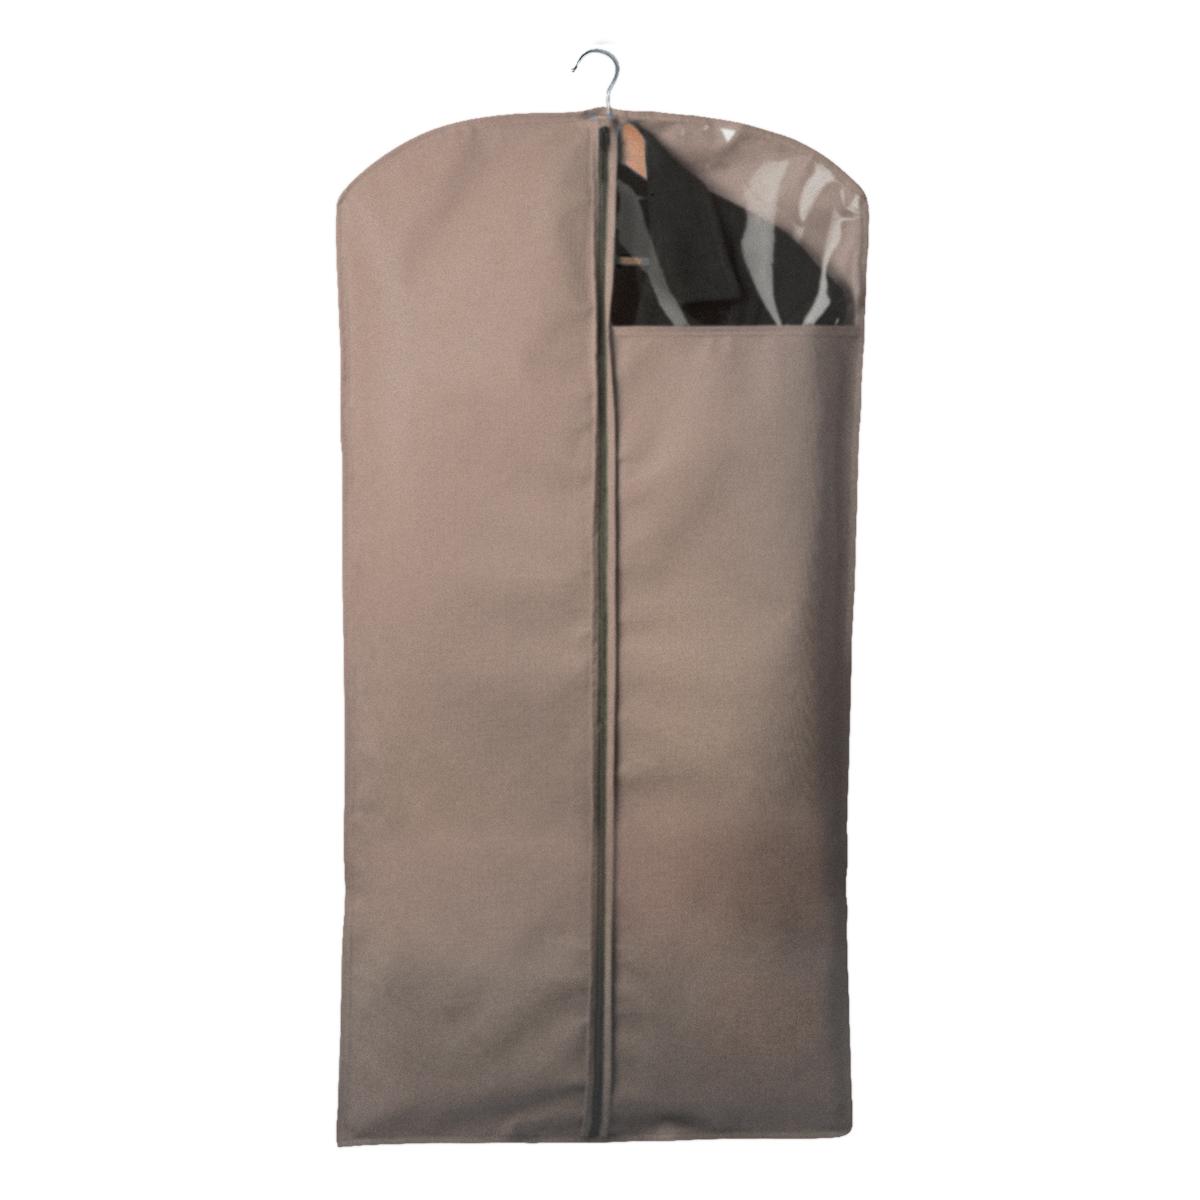 Чехол для одежды Miolla, с окошком, цвет: бежевый, 120 х 60 см6221CЧехол для костюмов и платьев Miolla на застежке-молнии выполнен из высококачественного нетканого материала. Прозрачное полиэтиленовое окошко позволяет видеть содержимое чехла. Подходит для длительного хранения вещей.Чехол обеспечивает вашей одежде надежную защиту от влажности, повреждений и грязи при транспортировке, от запыления при хранении и проникновения моли. Чехол обладает водоотталкивающими свойствами, а также позволяет воздуху свободно поступать внутрь вещей, обеспечивая их кондиционирование. Размер чехла: 120 х 60 см.